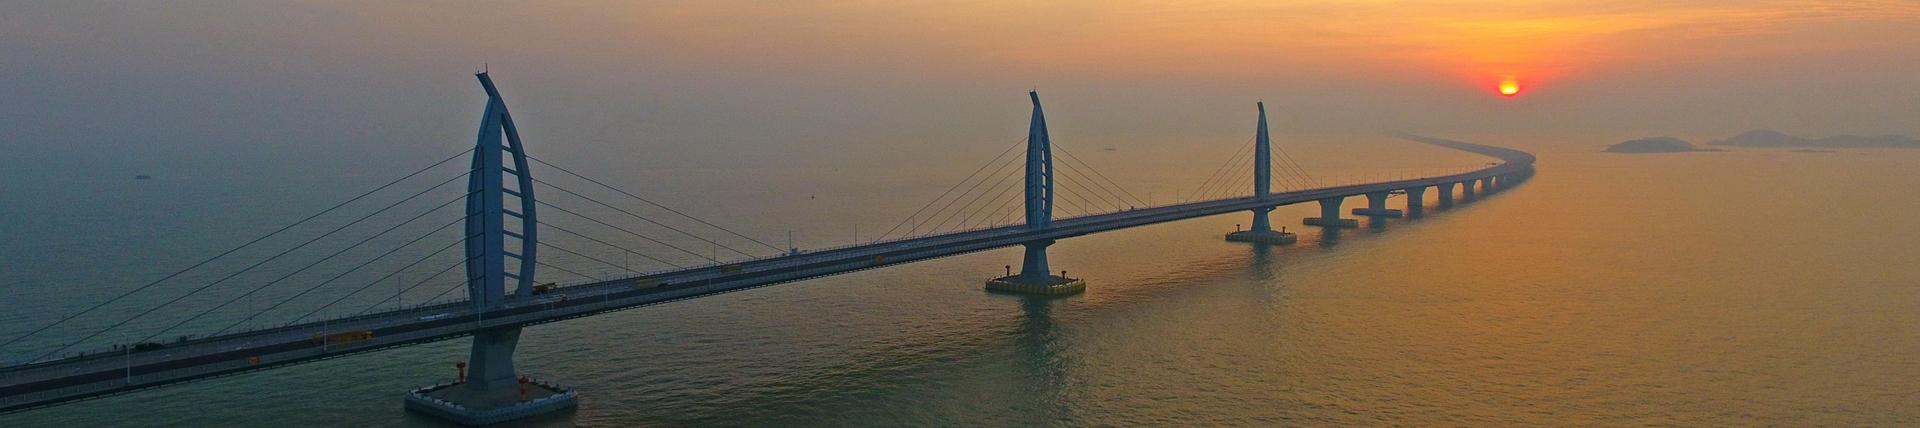 歷時15年,投入1000多億,創造了400多項專利,港珠澳大橋明日正式通車!